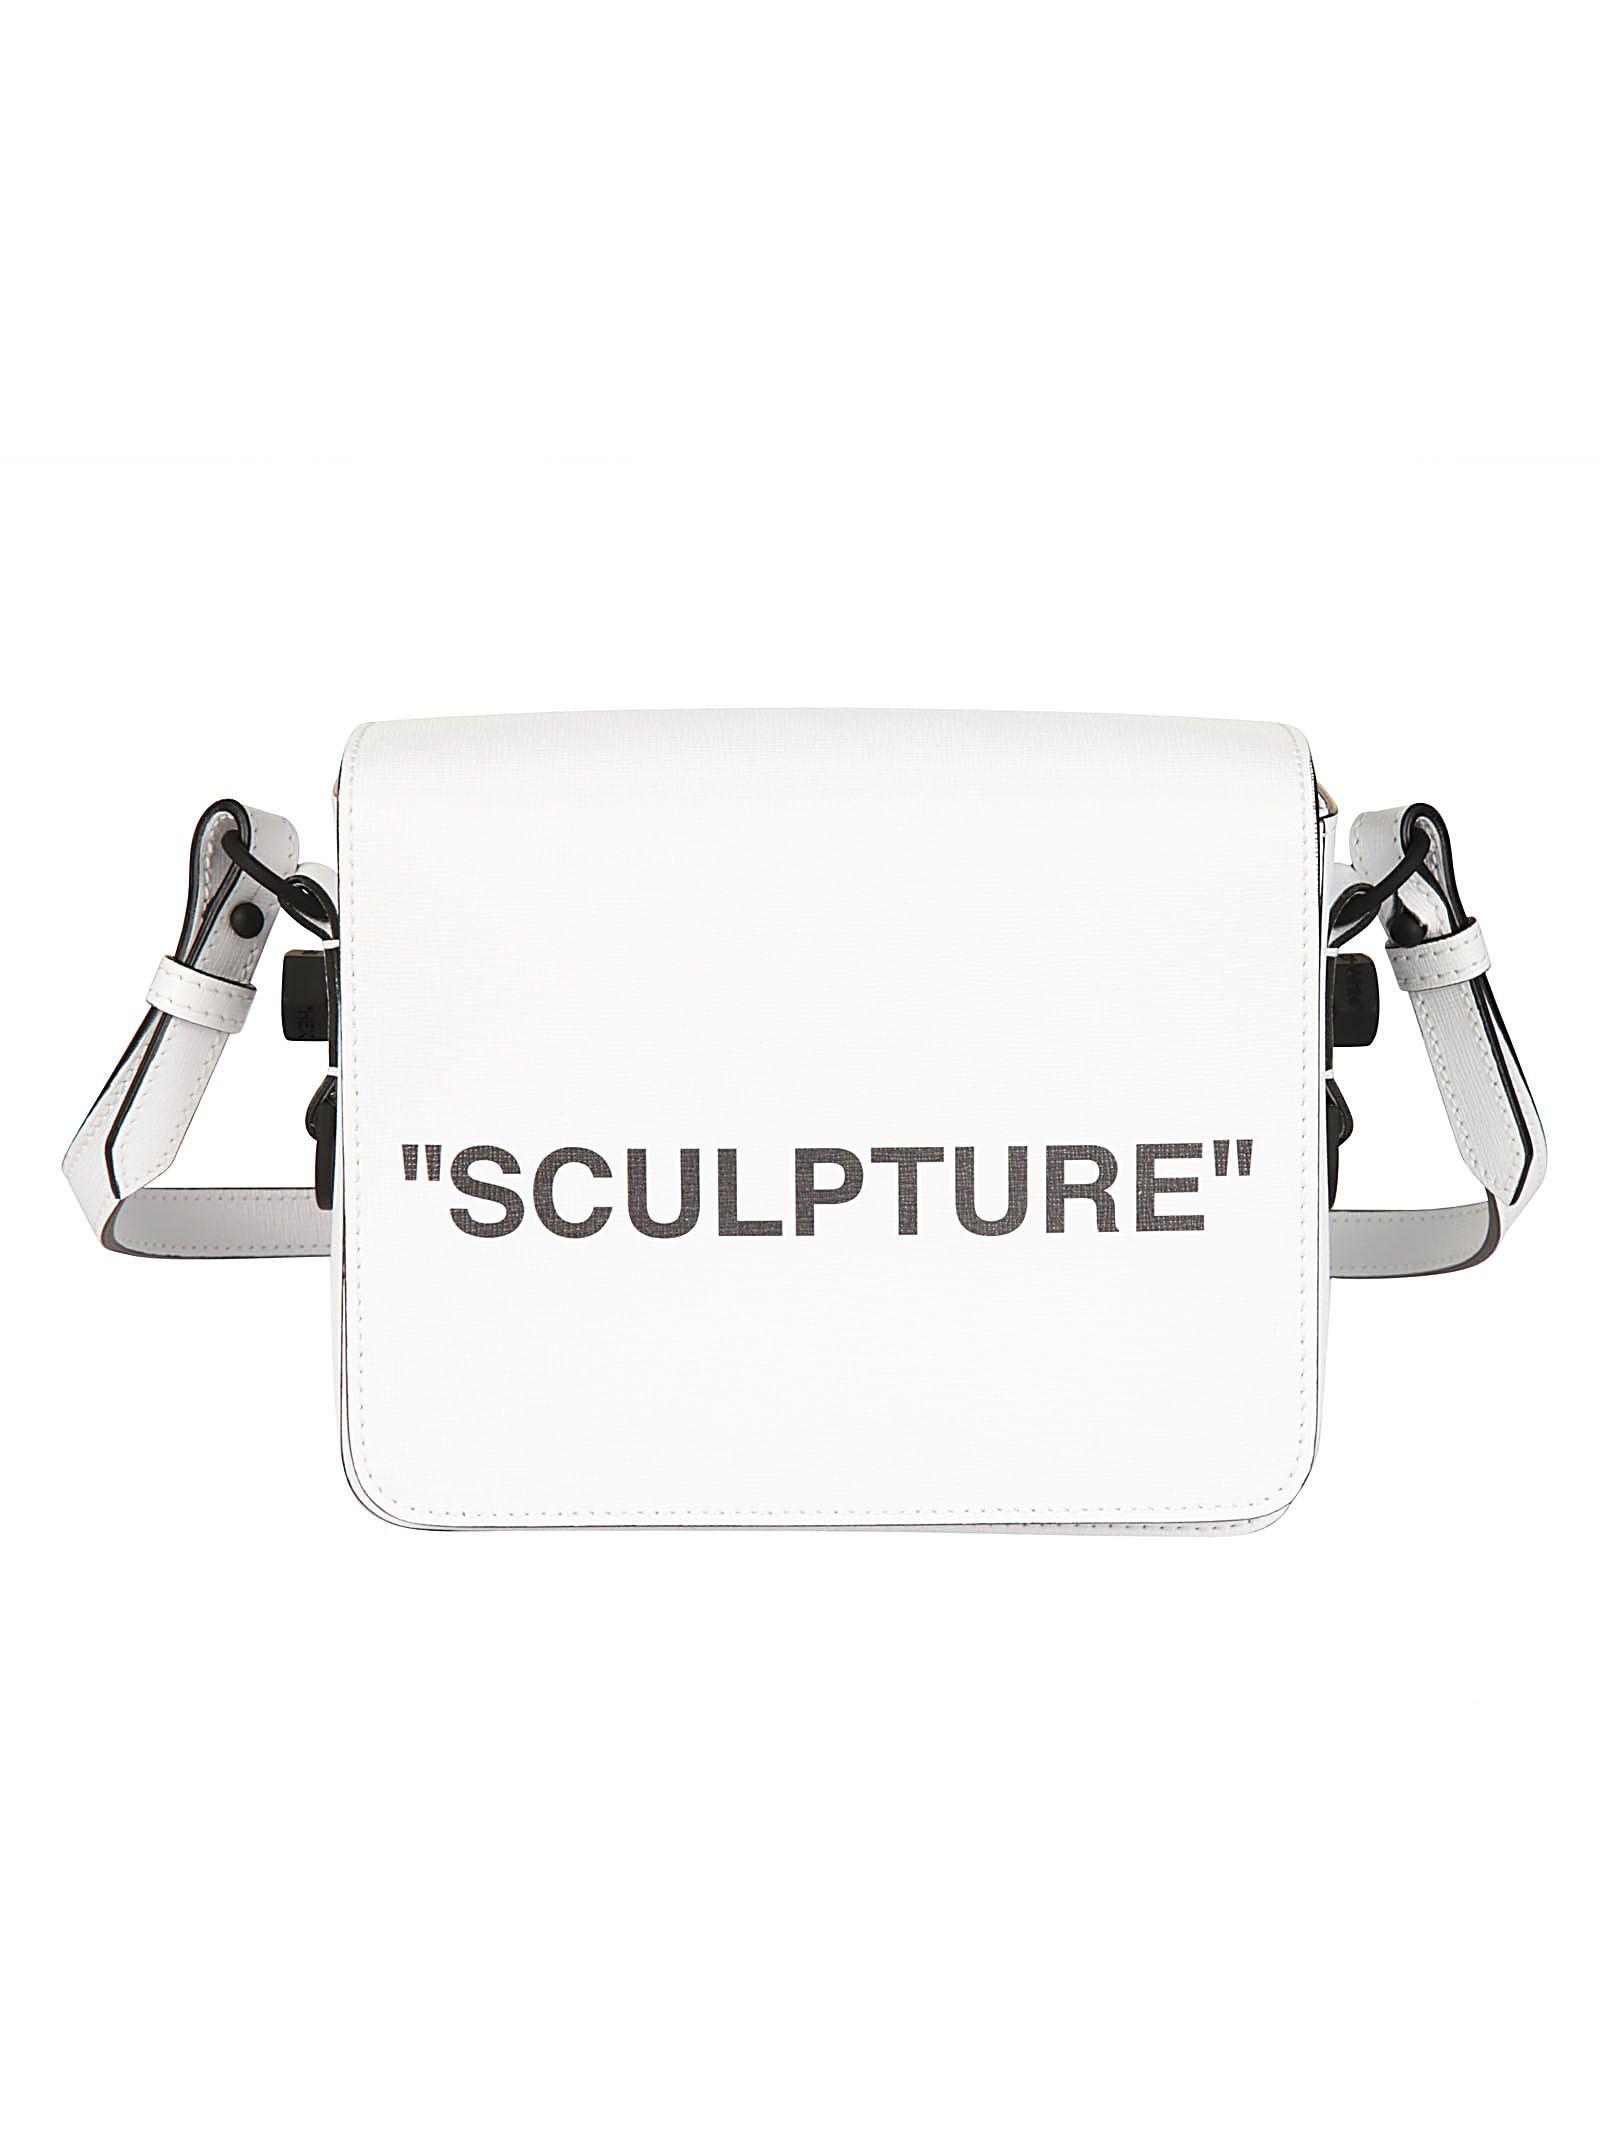 off-white -  Sculpture Binder Clip Shoulder Bag